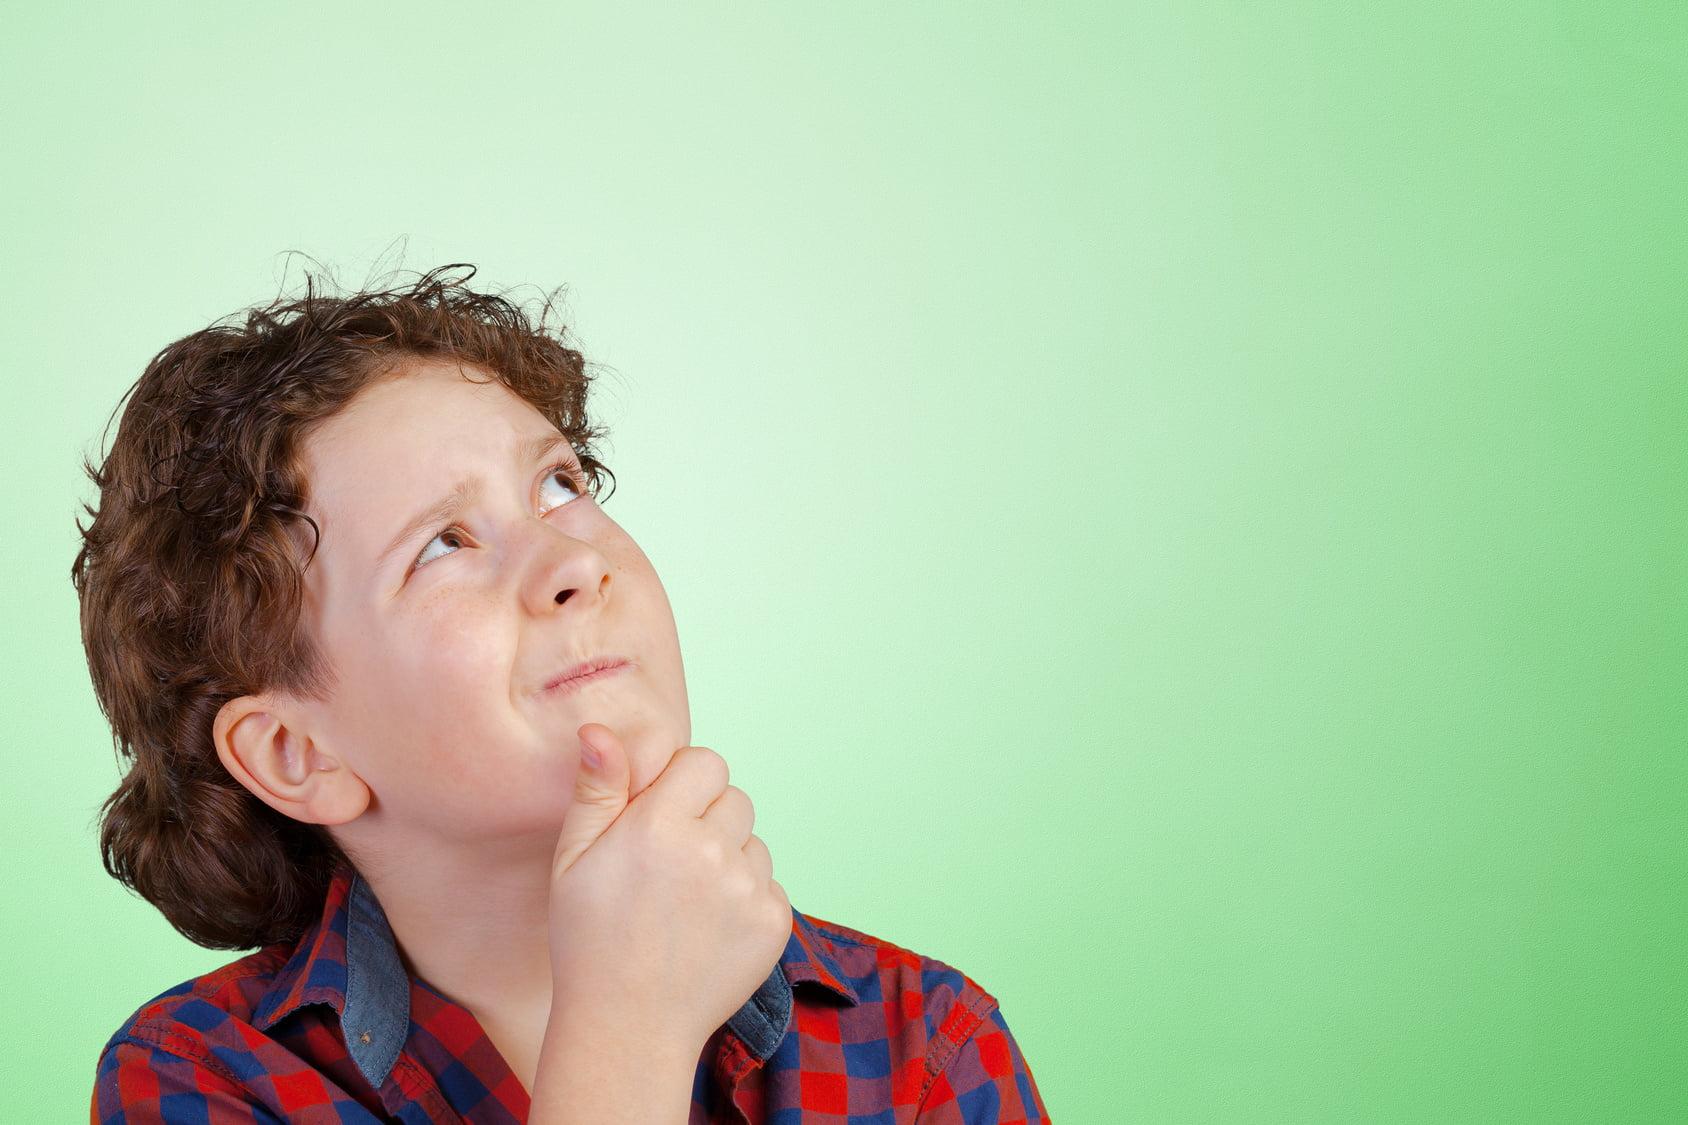 Autyzm u dziecka – 8 rzeczy, które DZIECI powinny wiedzieć o autyzmie